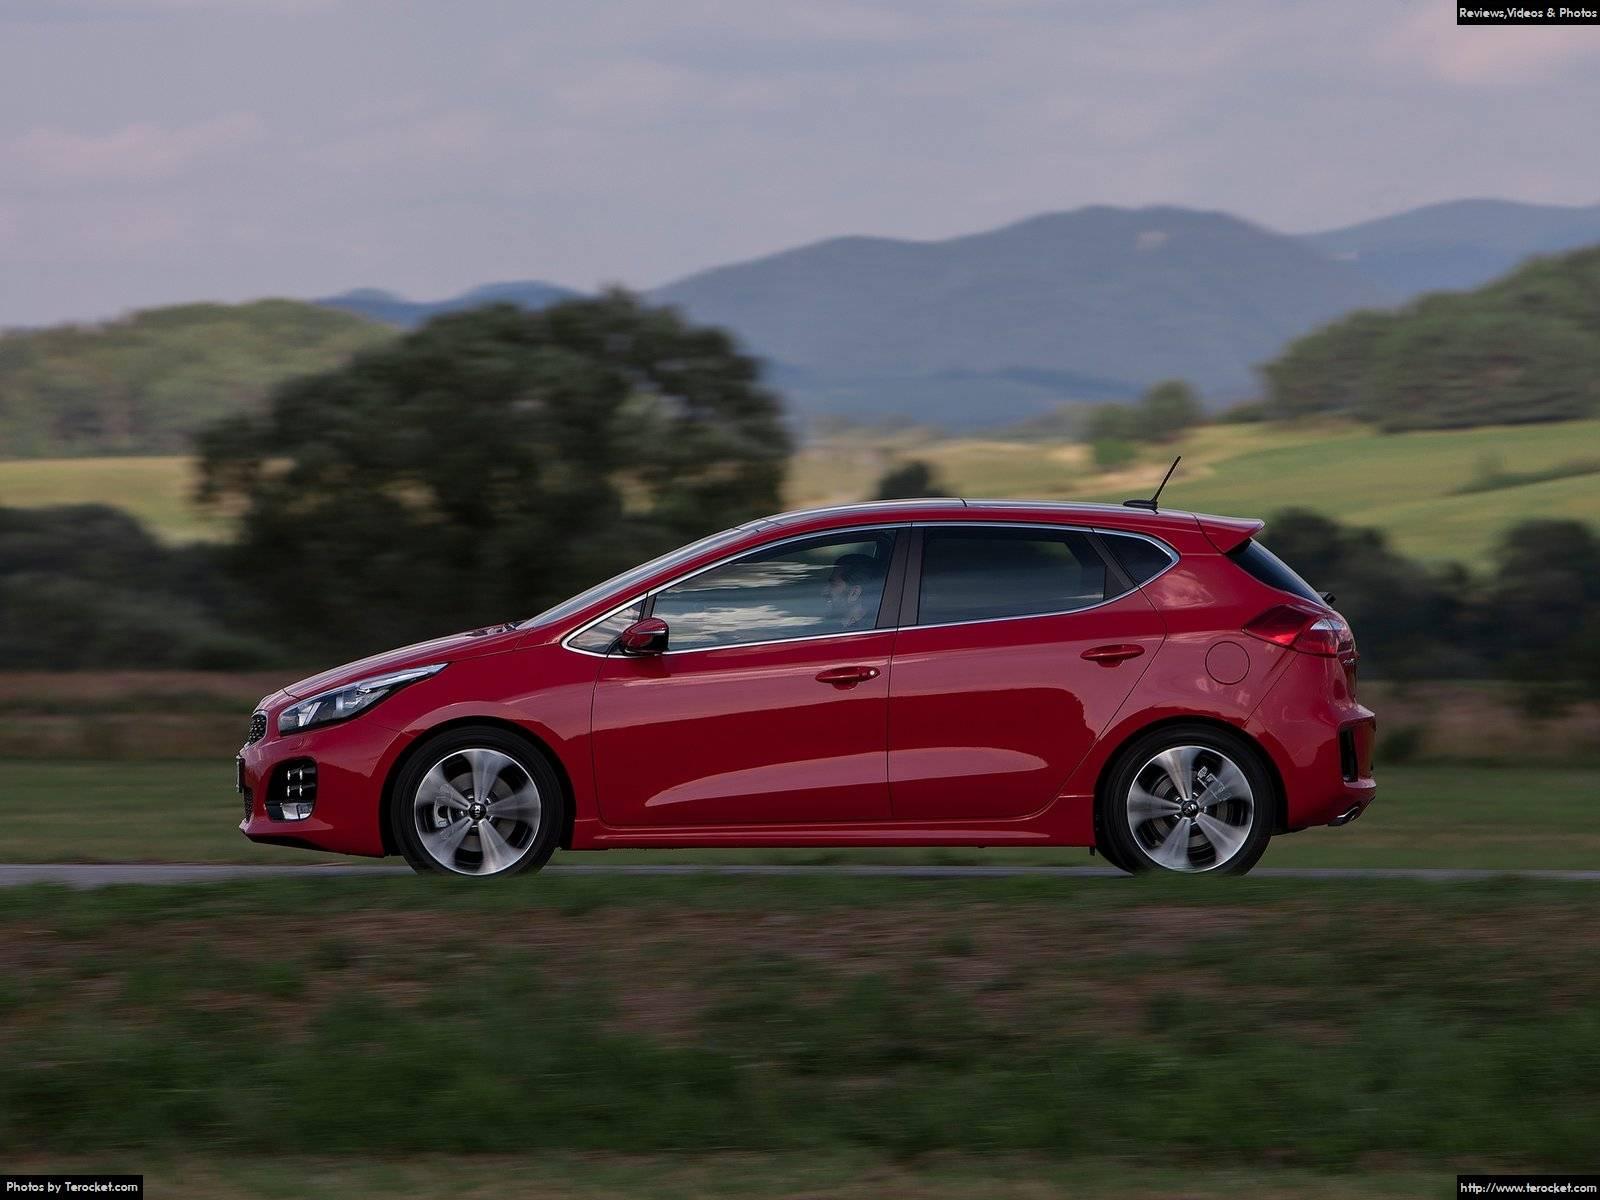 Hình ảnh xe ô tô Kia Ceed GT-Line 2016 & nội ngoại thất